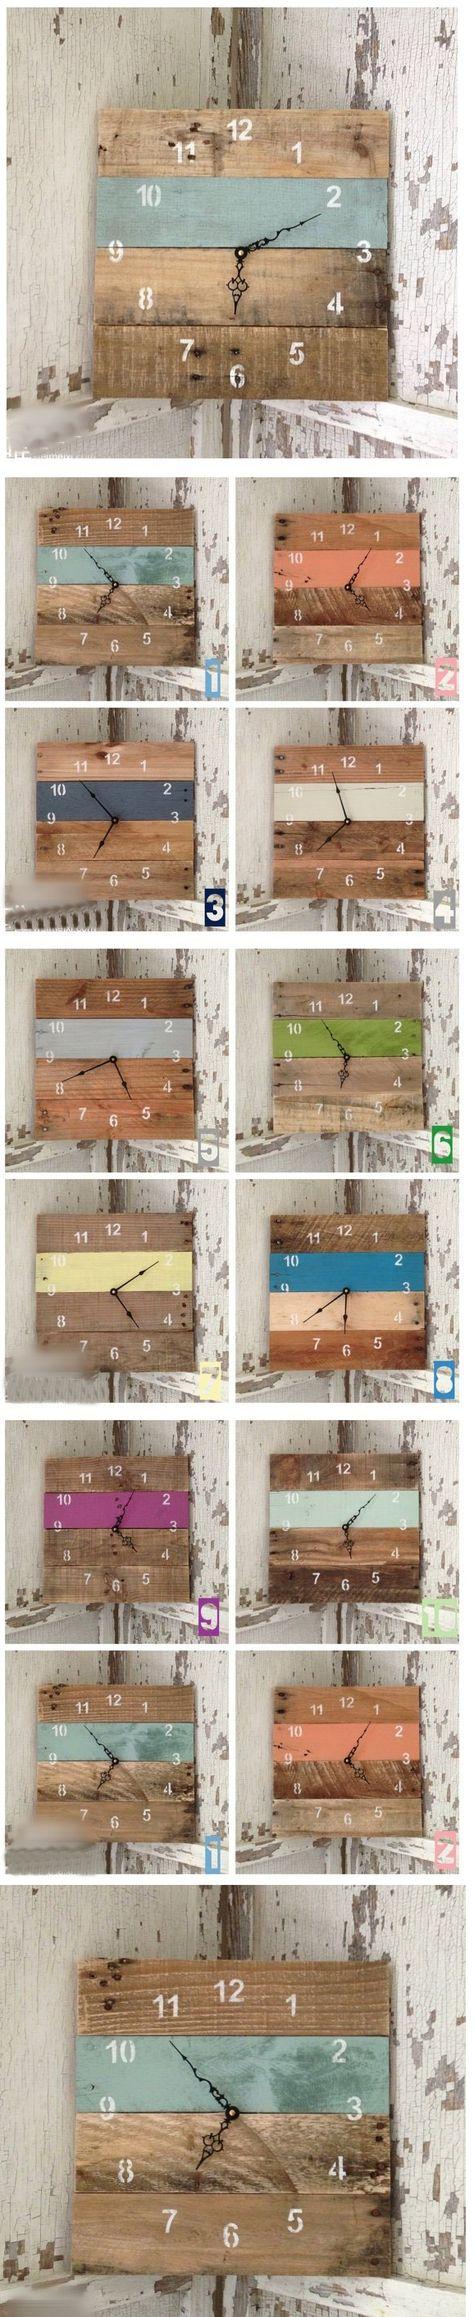 Diy Clock | DIY & Crafts Tutorials